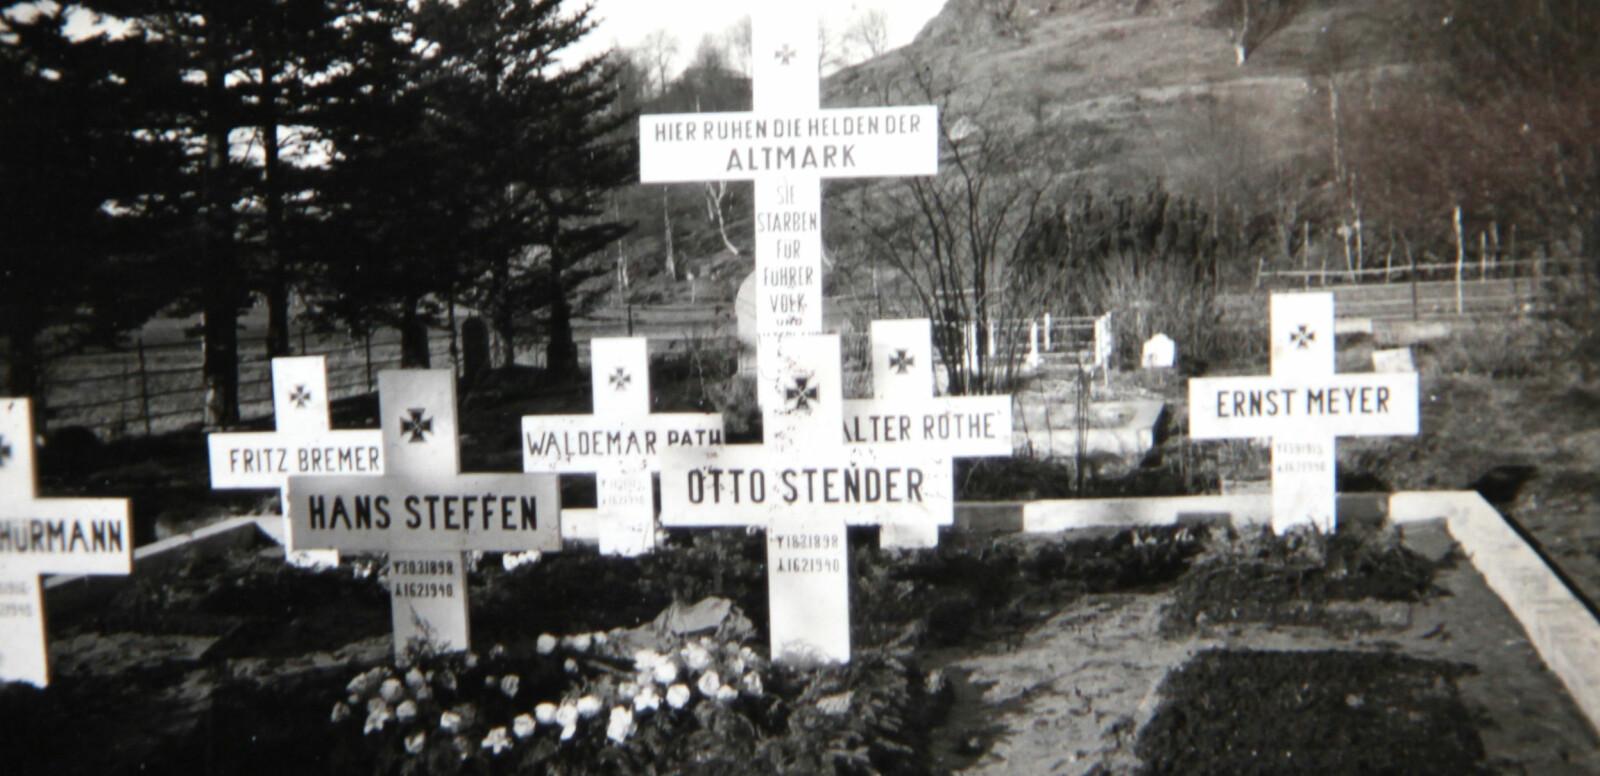 <b>SISTE HVILESTED: «</b>Her hviler heltene fra Altmark» står det på korset som ble satt opp midt mellom de sju gravene på den lokale kirkegården. Det står også at de døde for «fører, folk og fedreland».